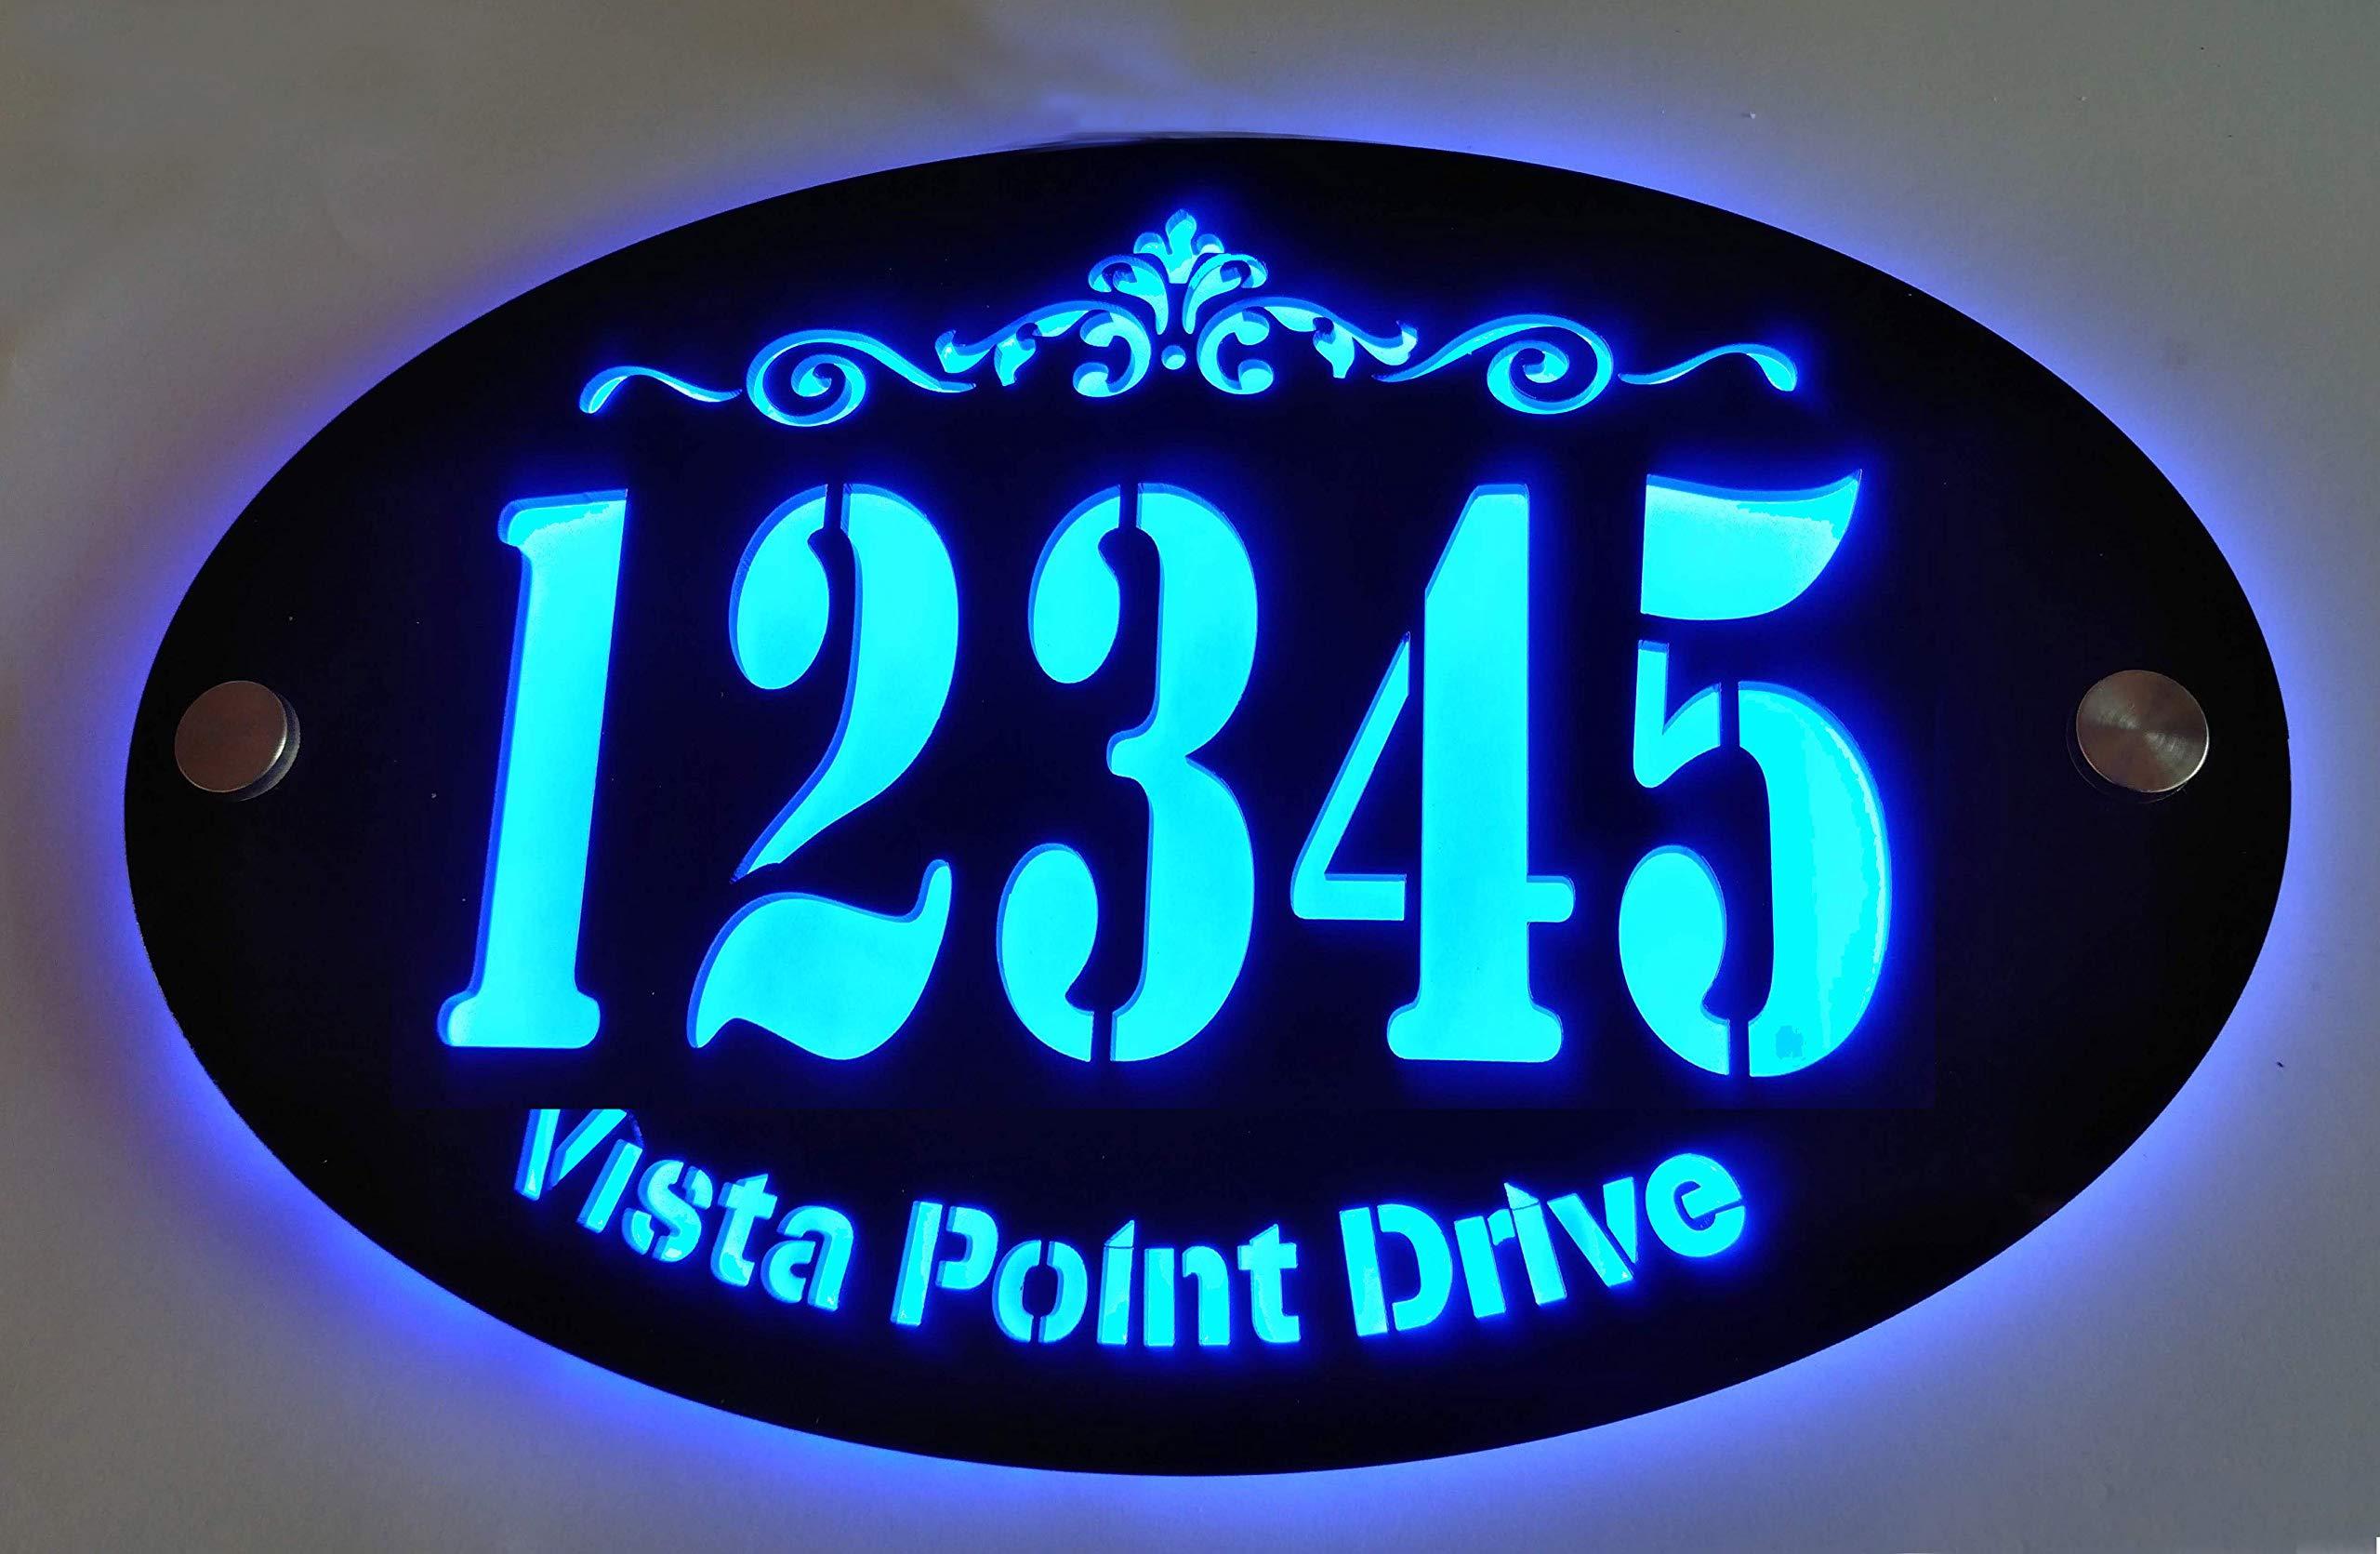 Custom House Address Plaque, LED Illuminated Laser Engraved Acrylic Double-Plates Sign, Premium Quality, Stylish, and Durable (11''x7'' Oval, Blue LED)